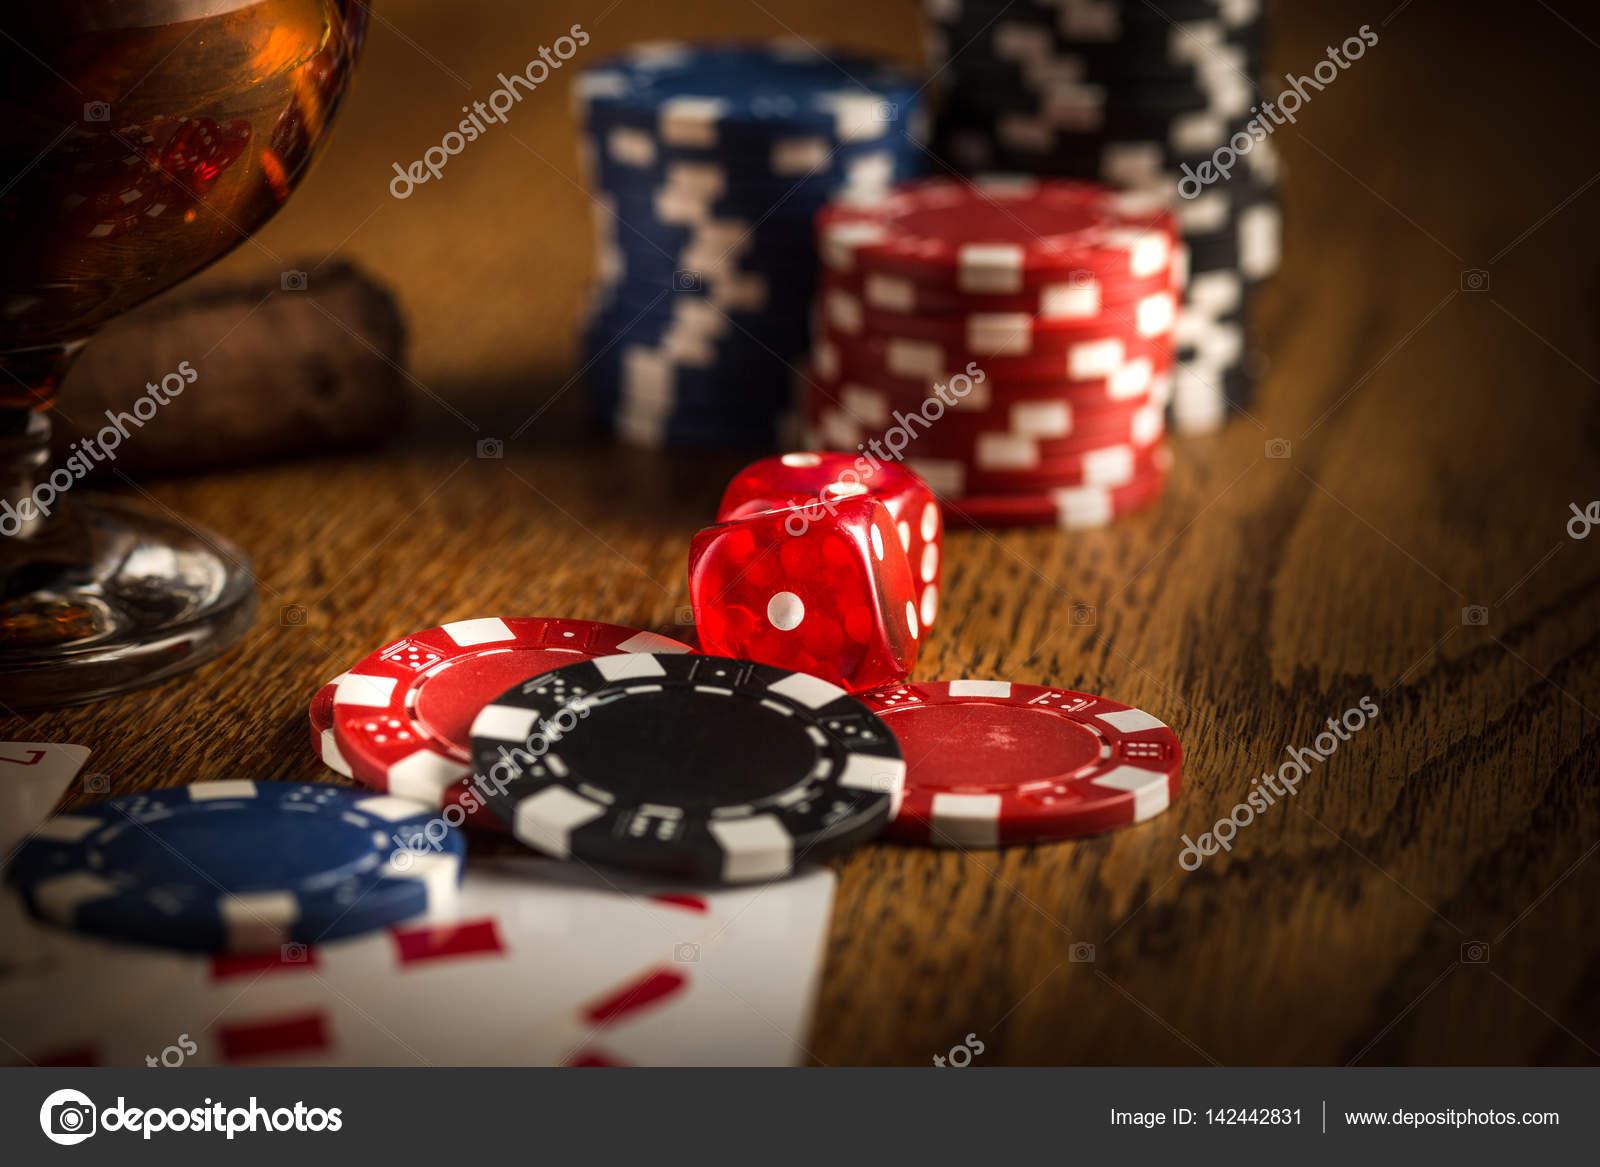 Cigarro Chips Para Juegos Beber Y Jugar A Las Cartas Fotos De